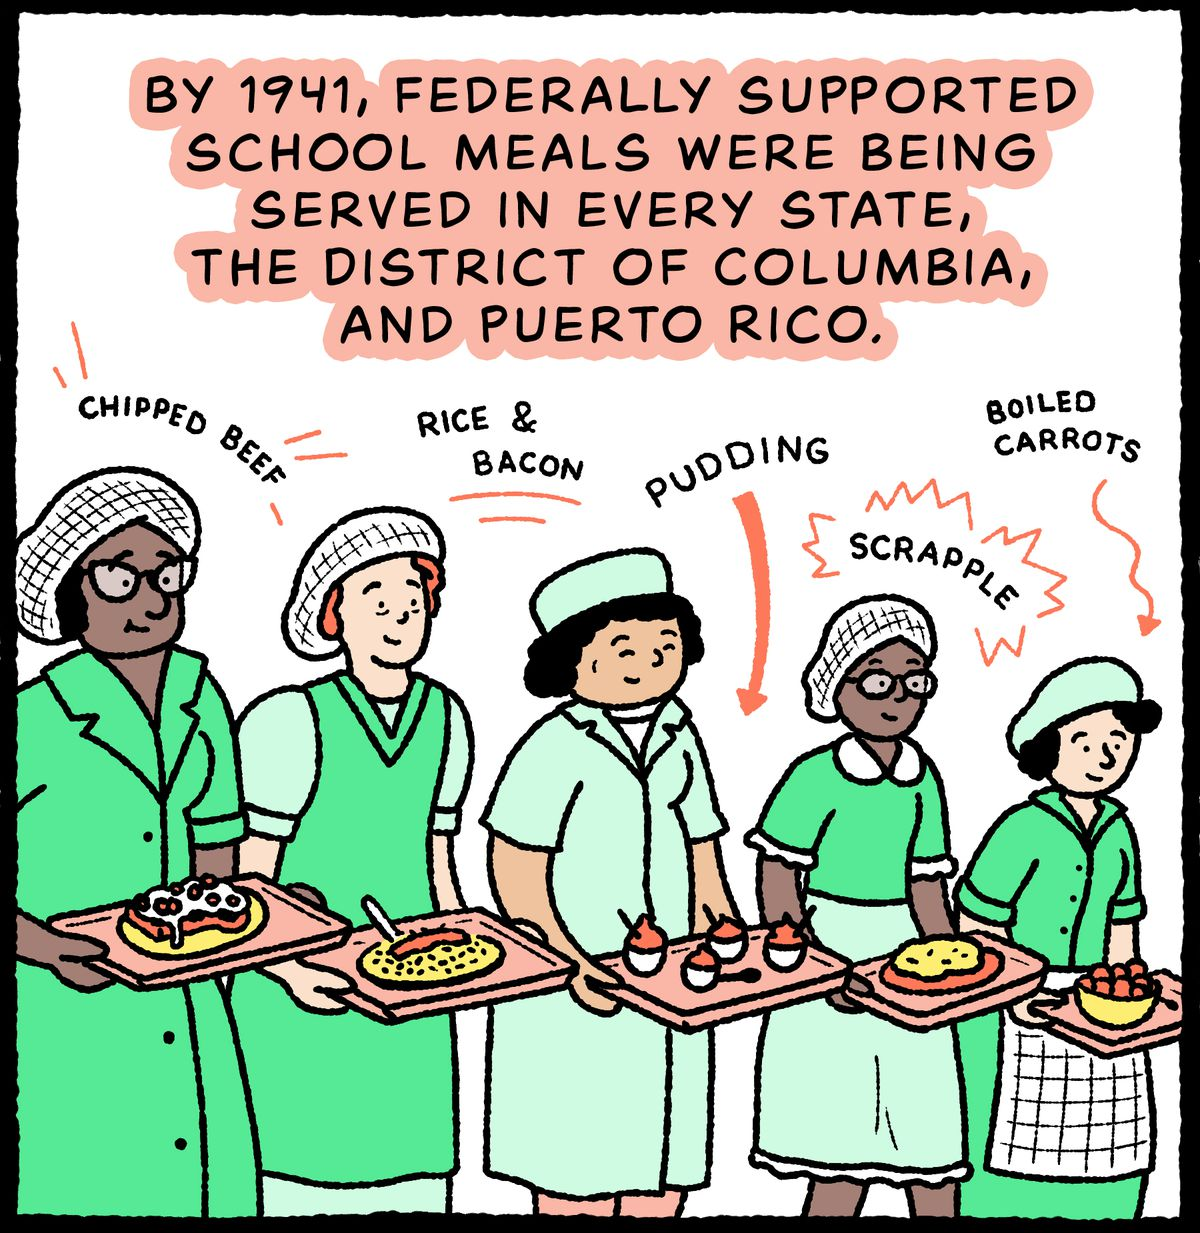 Rangée de travailleurs du déjeuner offrant des plateaux, y compris du bœuf haché, du riz &AMP ;  bacon, puddings, sablés aux fruits, scrapple, carottes bouillies : en 1941, des repas scolaires soutenus par le gouvernement fédéral étaient servis dans tous les États, le district de Columbia et Porto Rico.